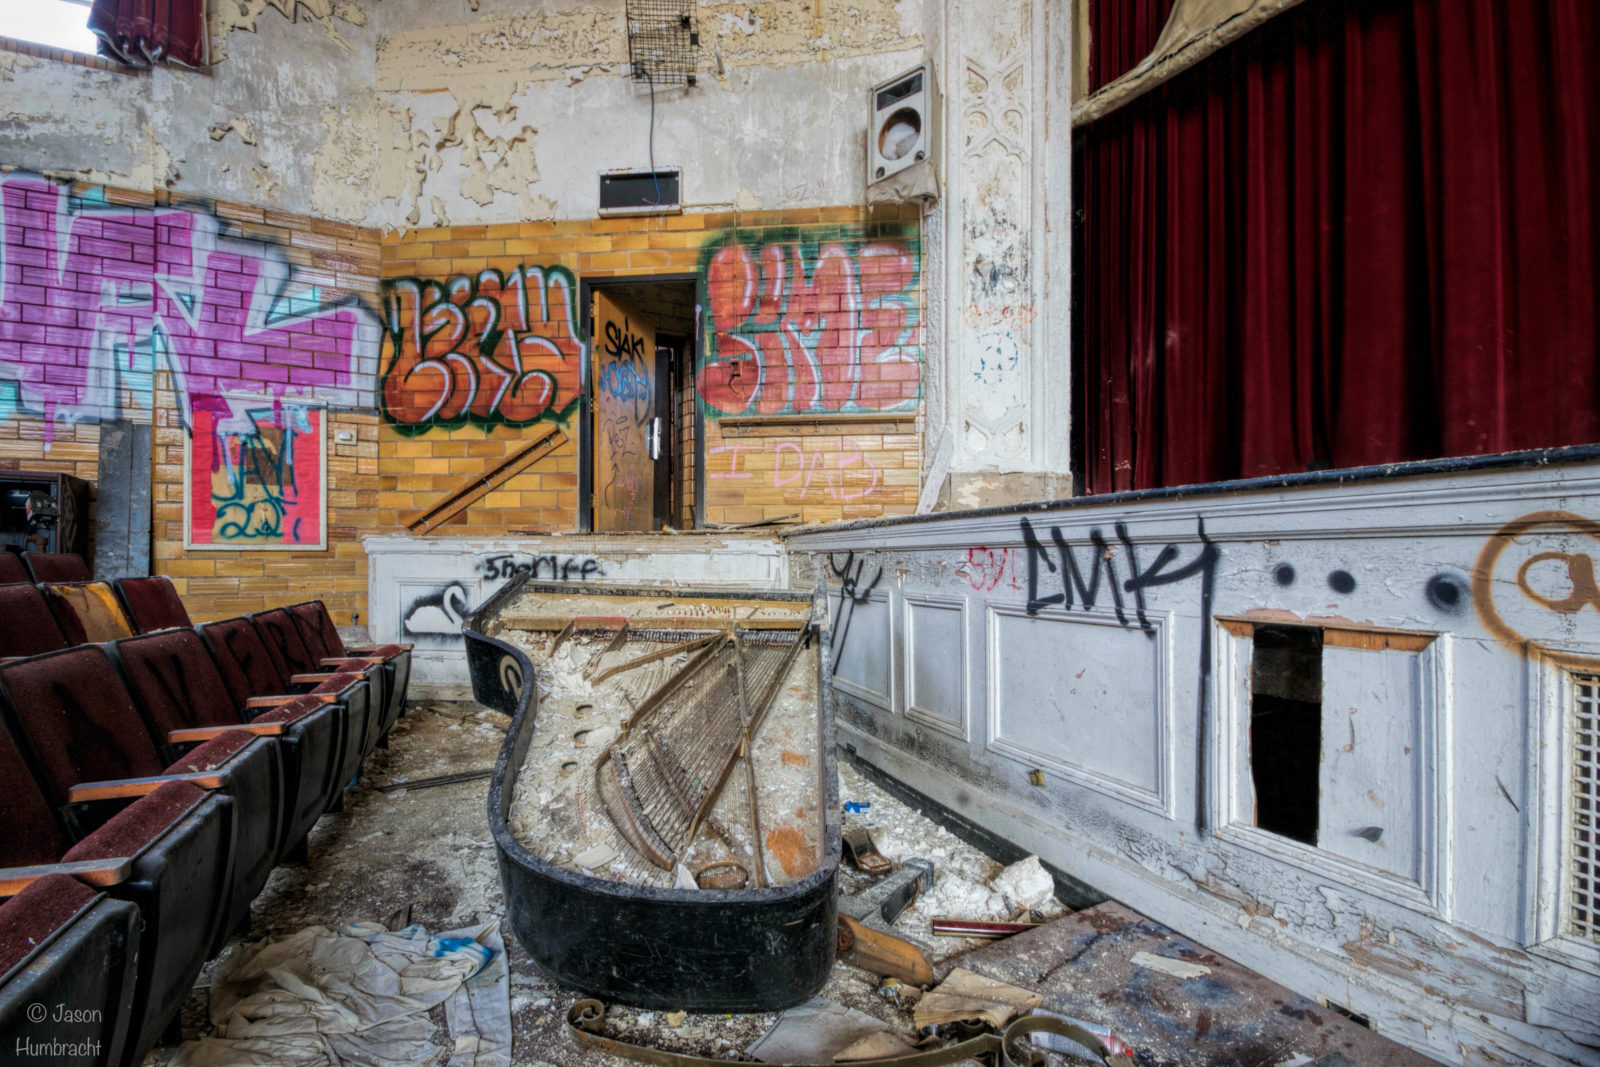 rentreescolaire lycee lieuxabandonnes urbex explorationurbaine radar allurbanmakers highschool amphitheatre jhumbracht piano amphi - De la maternelle à la fac, découvrez les plus belles écoles abandonnées !